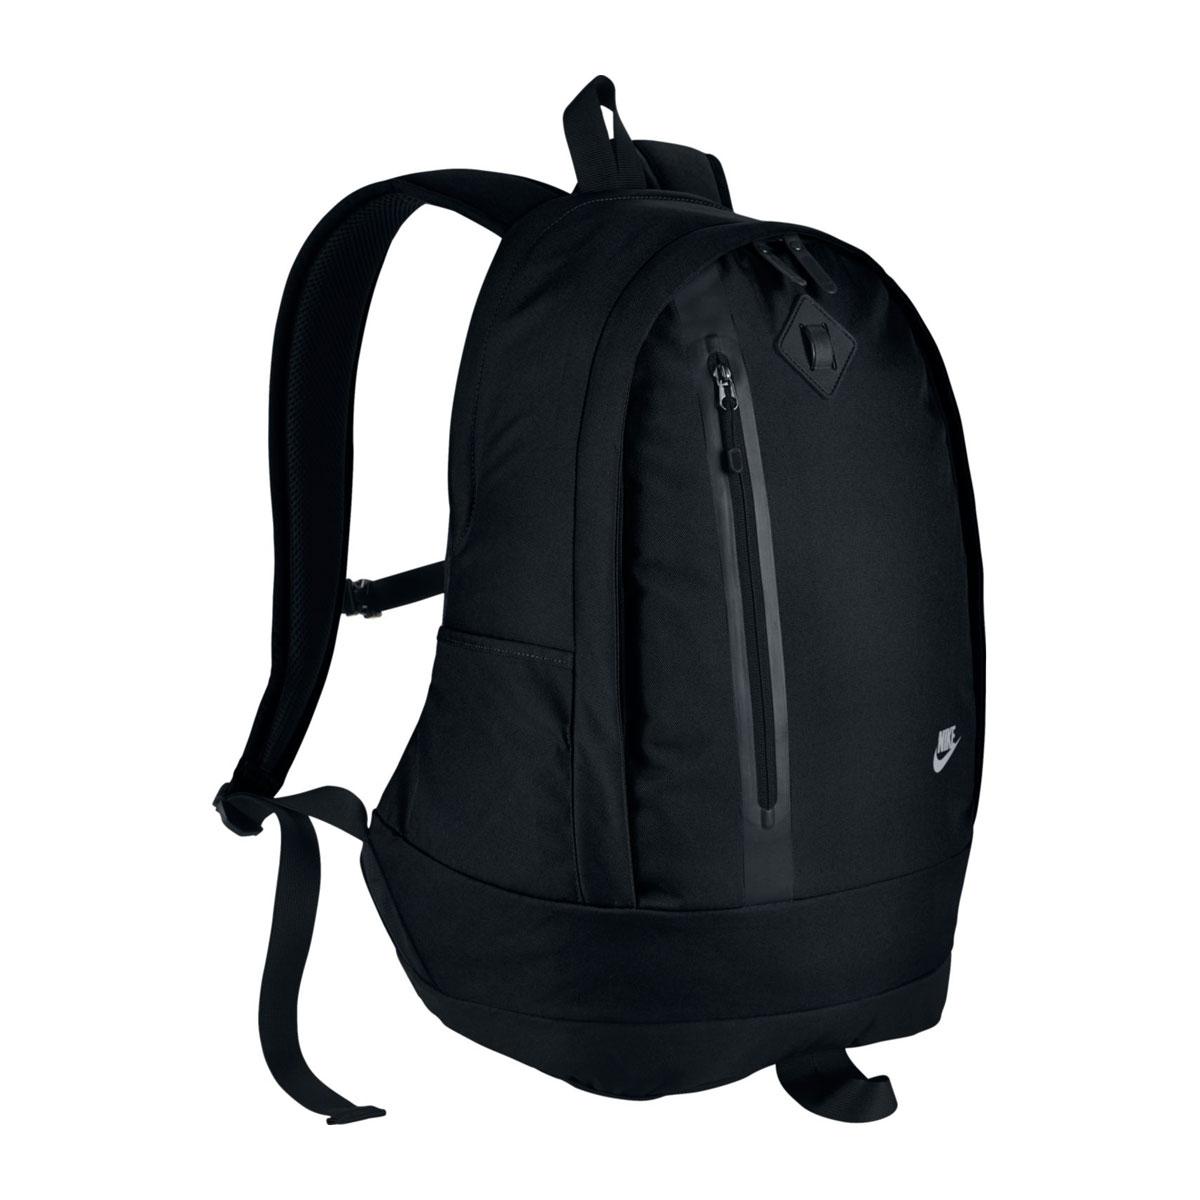 95696238efa NIKE NK CHYN BKPK - SOLID (Nike NSW Cheyenne 3.0 solid backpack) BLACK/ ...